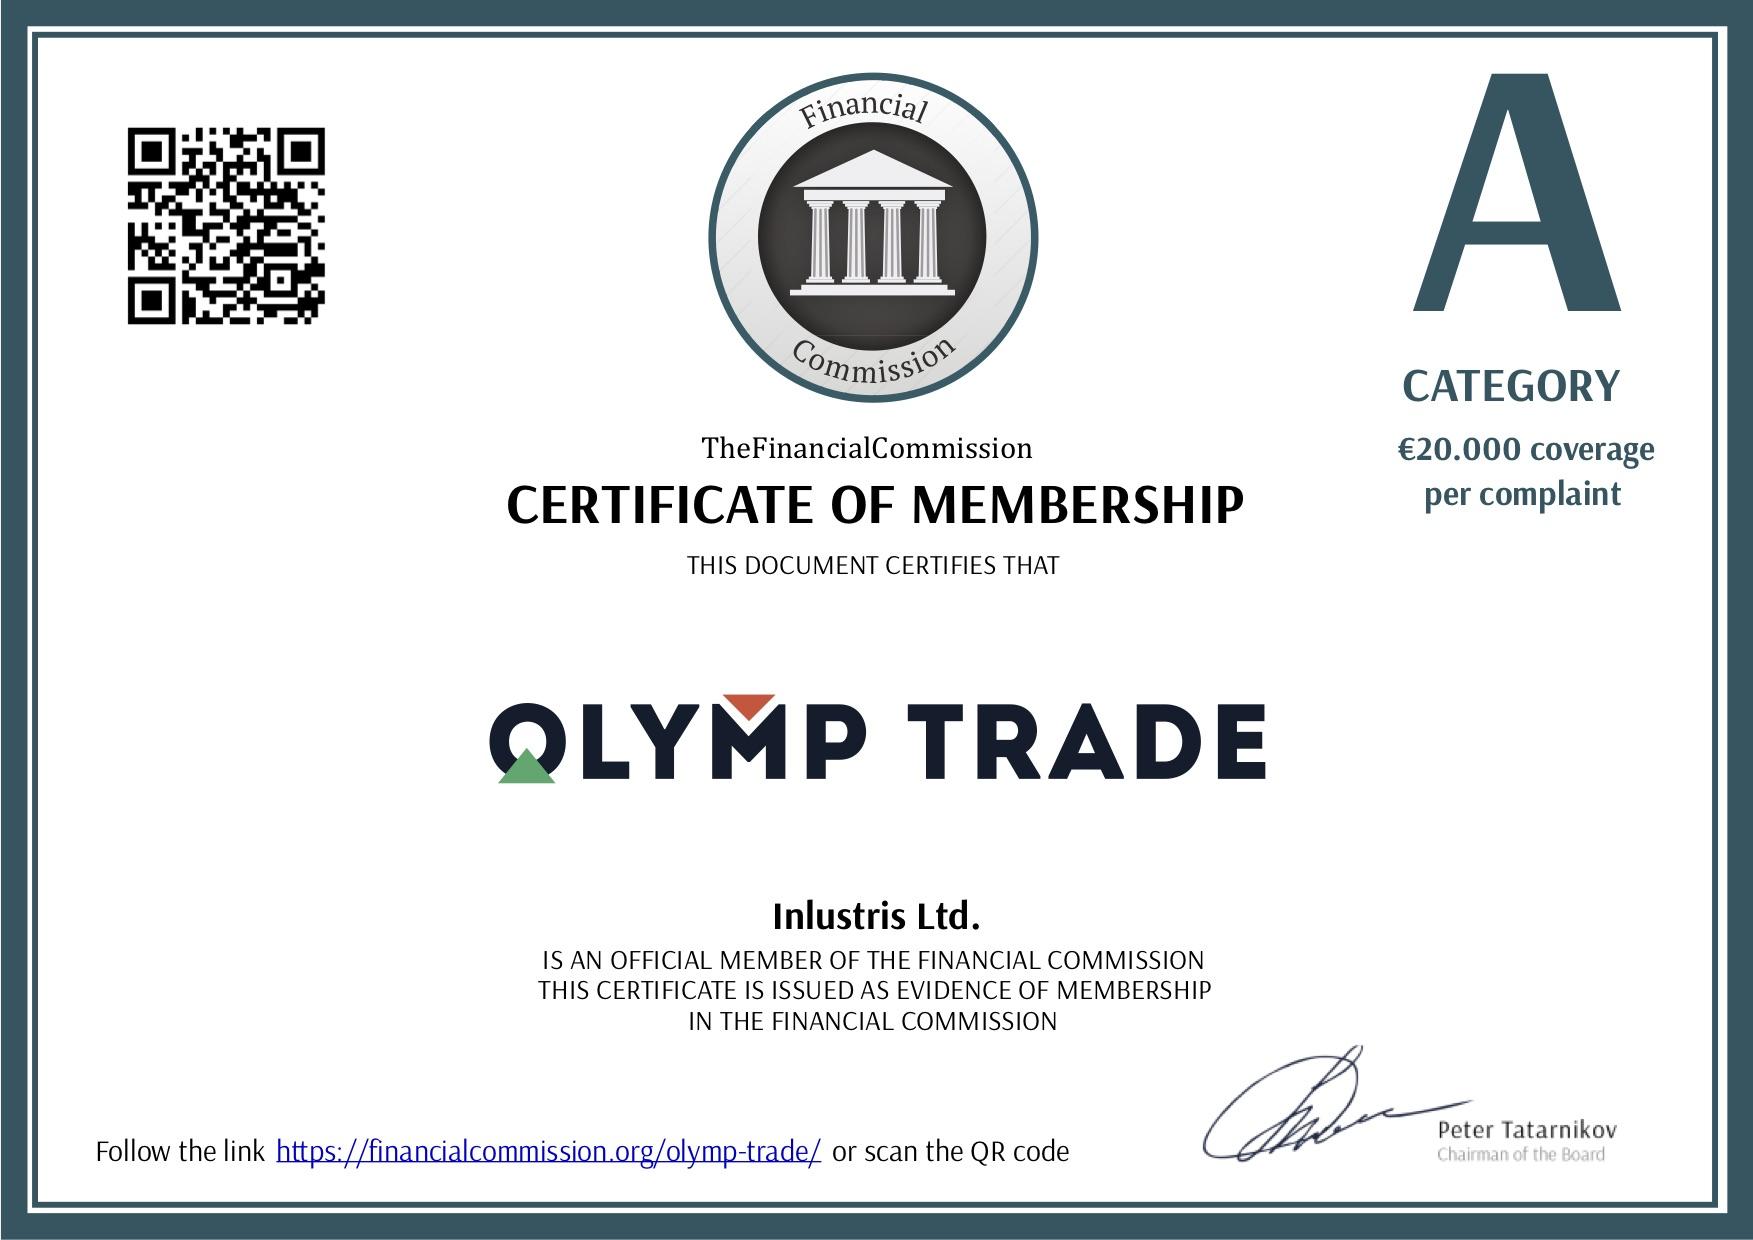 Olymp Trade sangat Transparansi